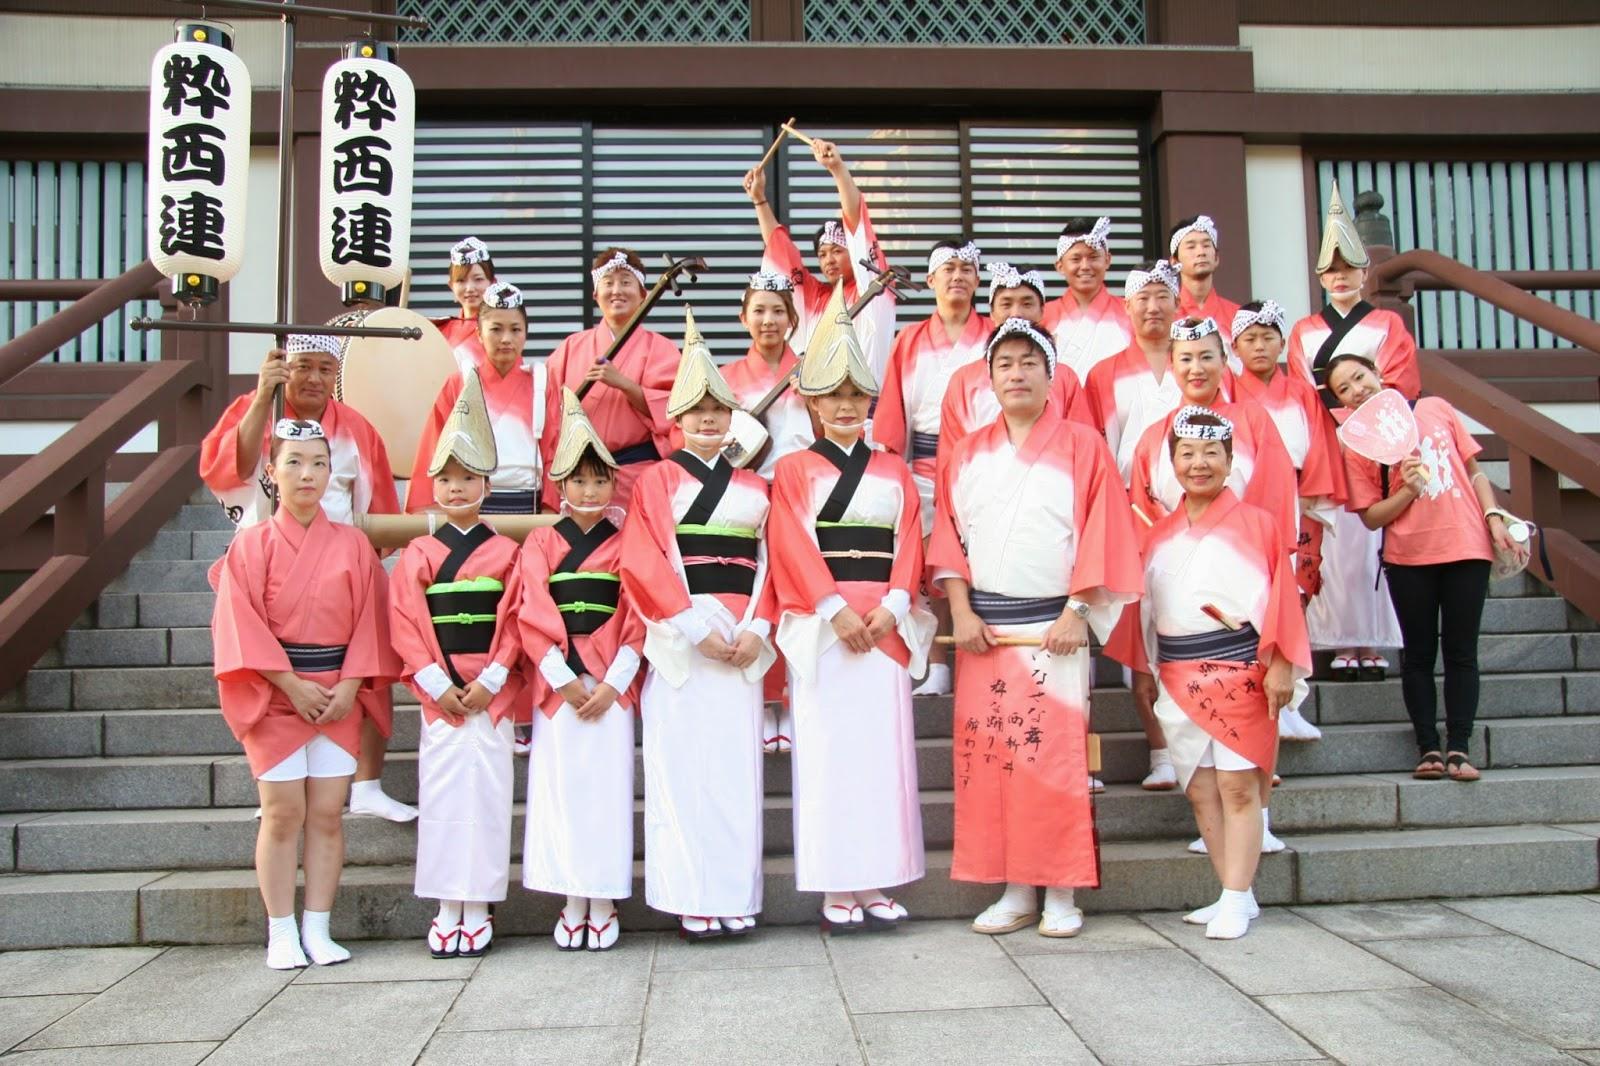 大師夏まつり阿波踊り2014